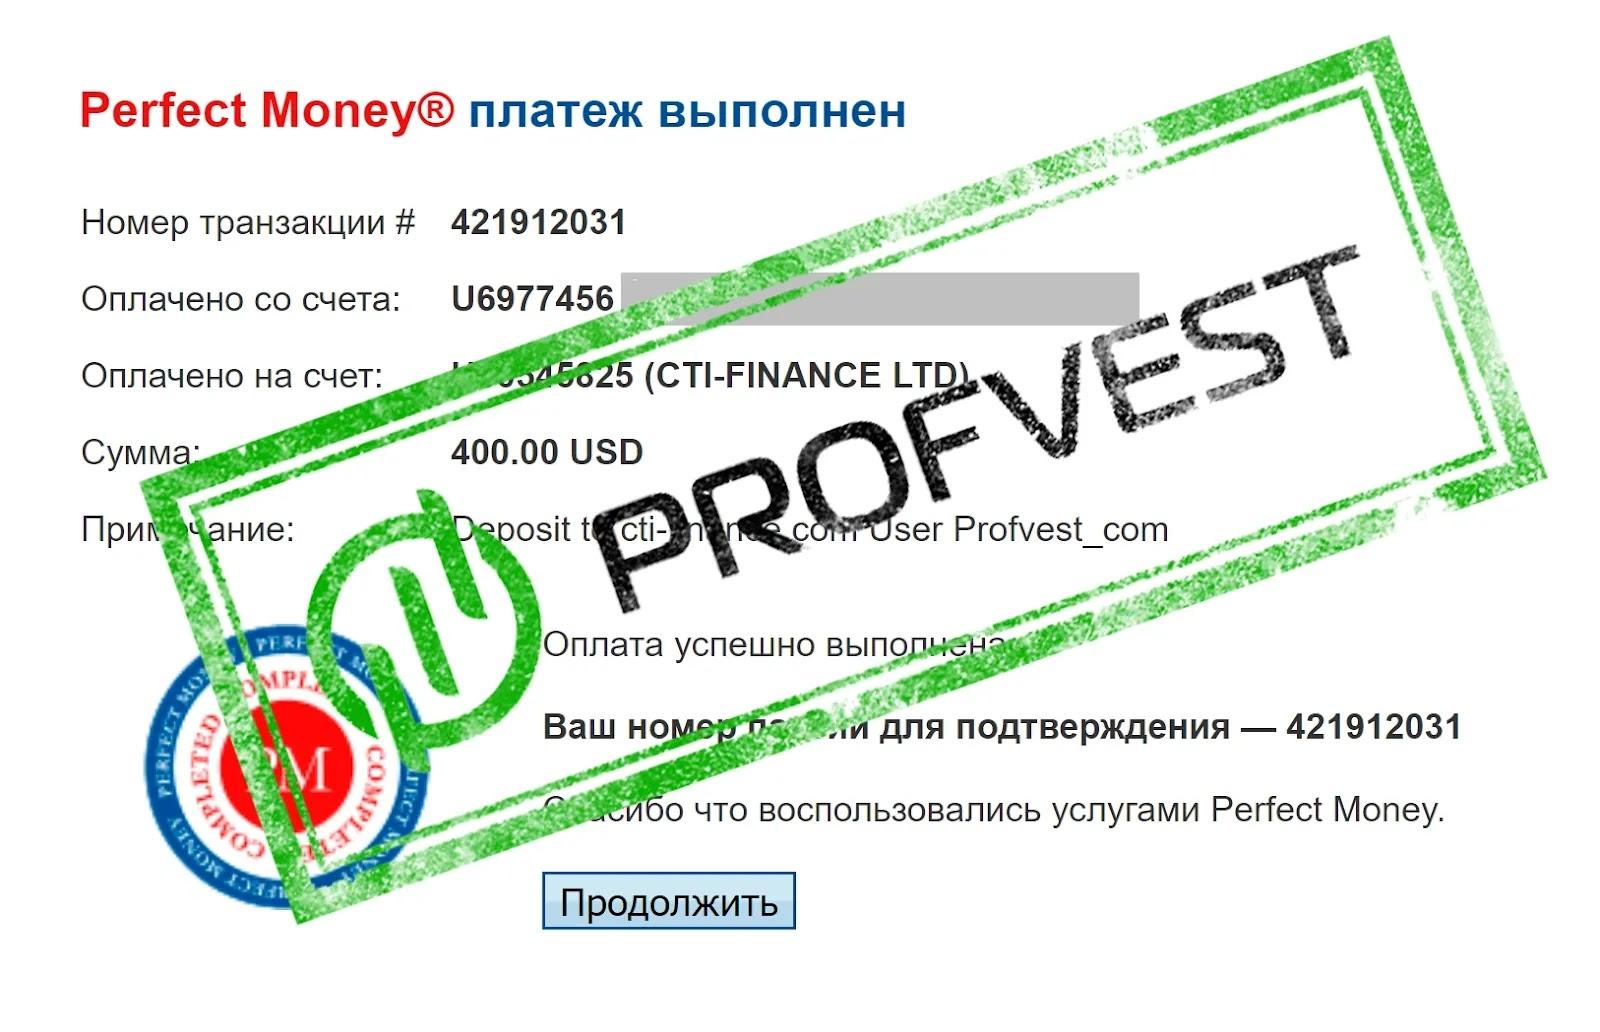 Депозит в Cti-Finance